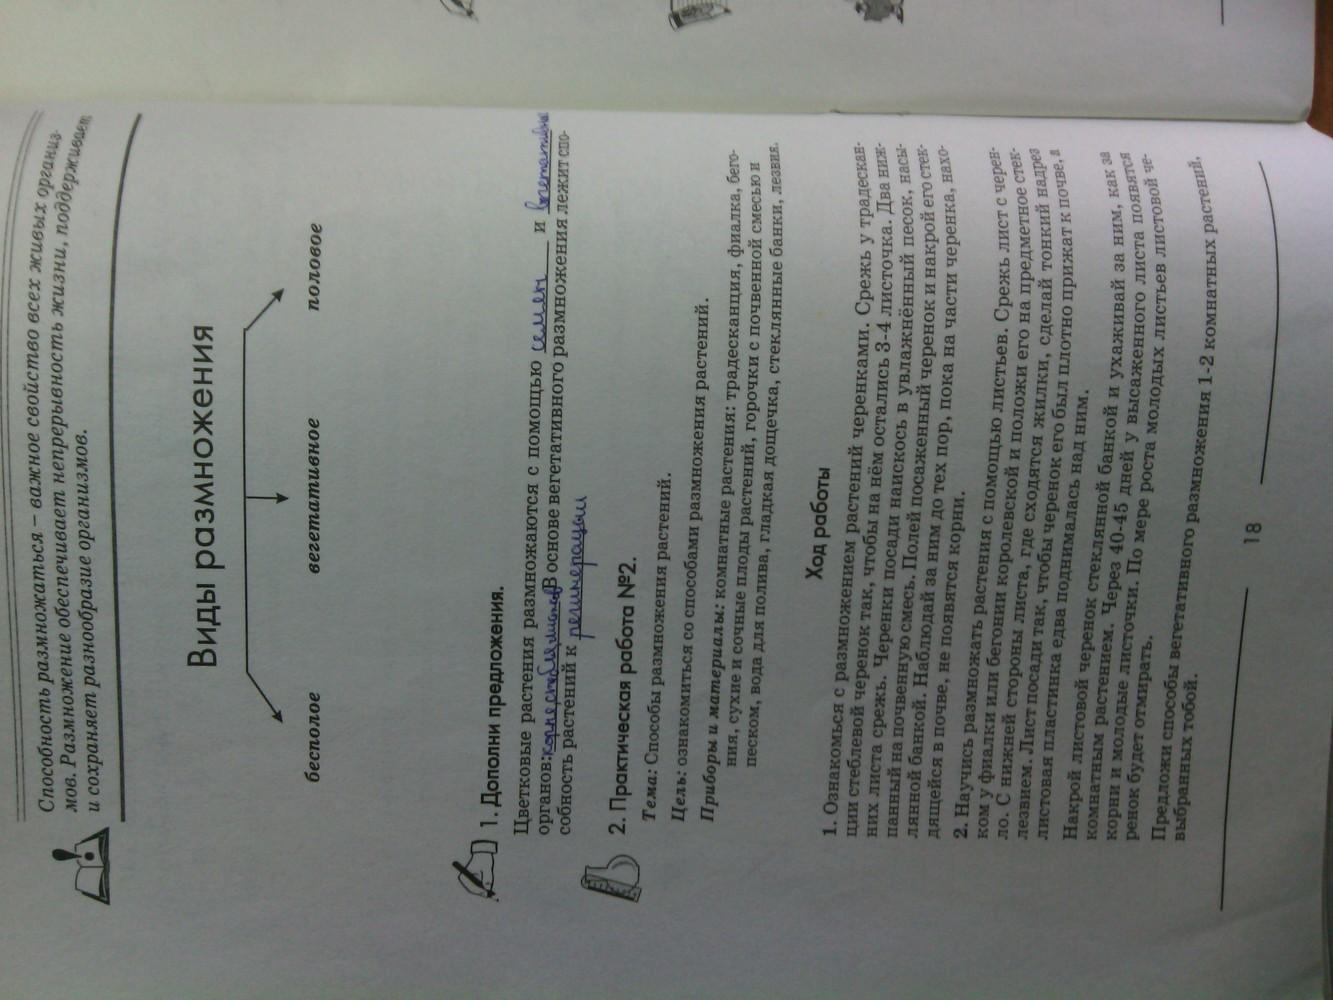 ГДЗ відповіді робочий зошит по биологии 6 класс Котик, Гусева. Задание: стр. 18